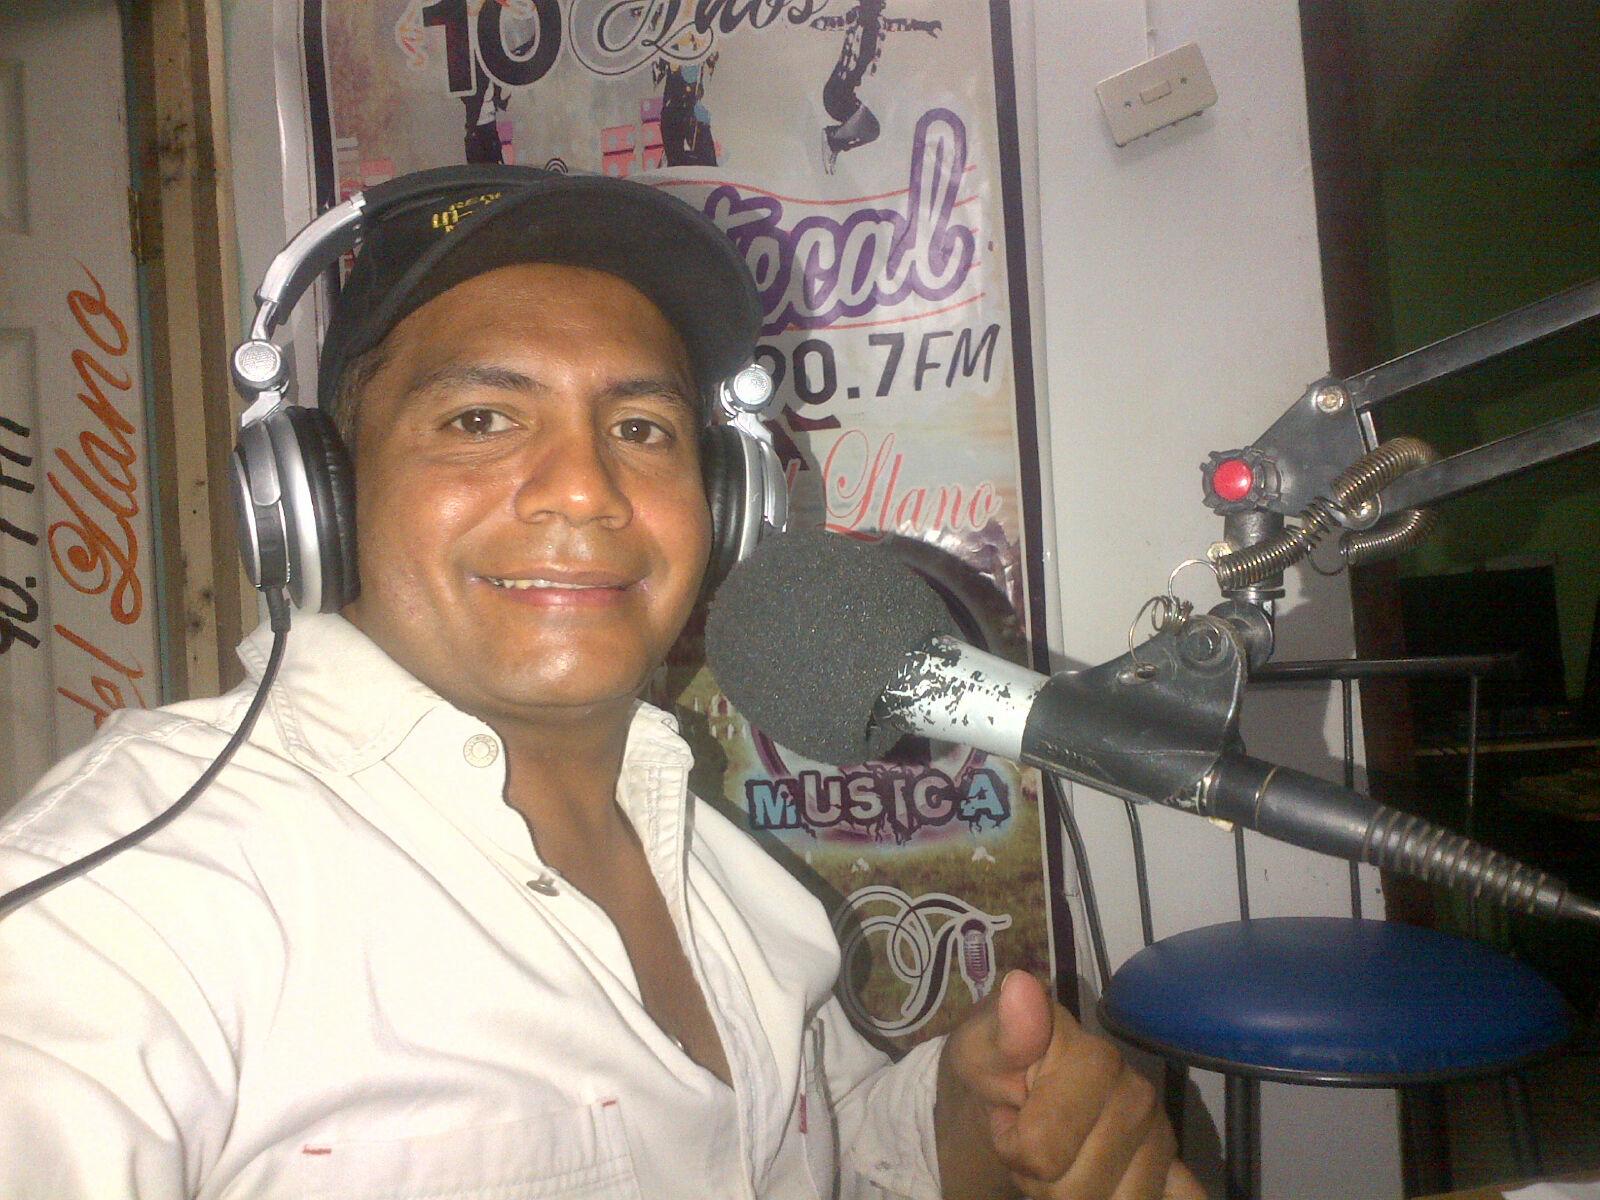 José Luis Zapata, informó que la medida se adoptó por presiones a los propietarios de la estación radial